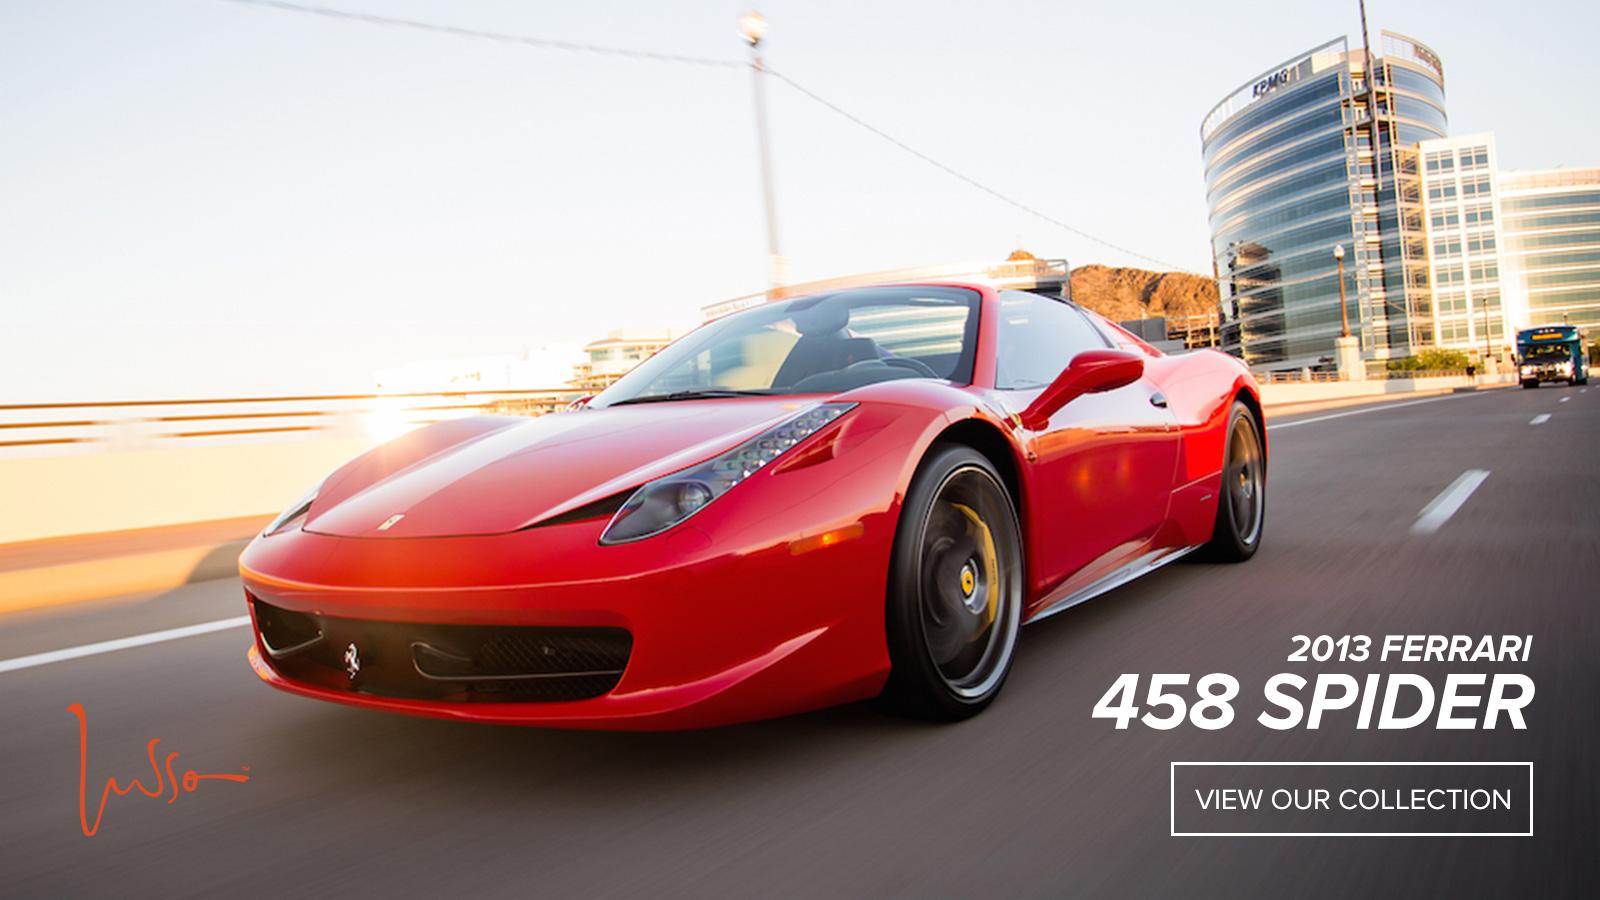 Lusso - 2013 Ferrari 458 Spider